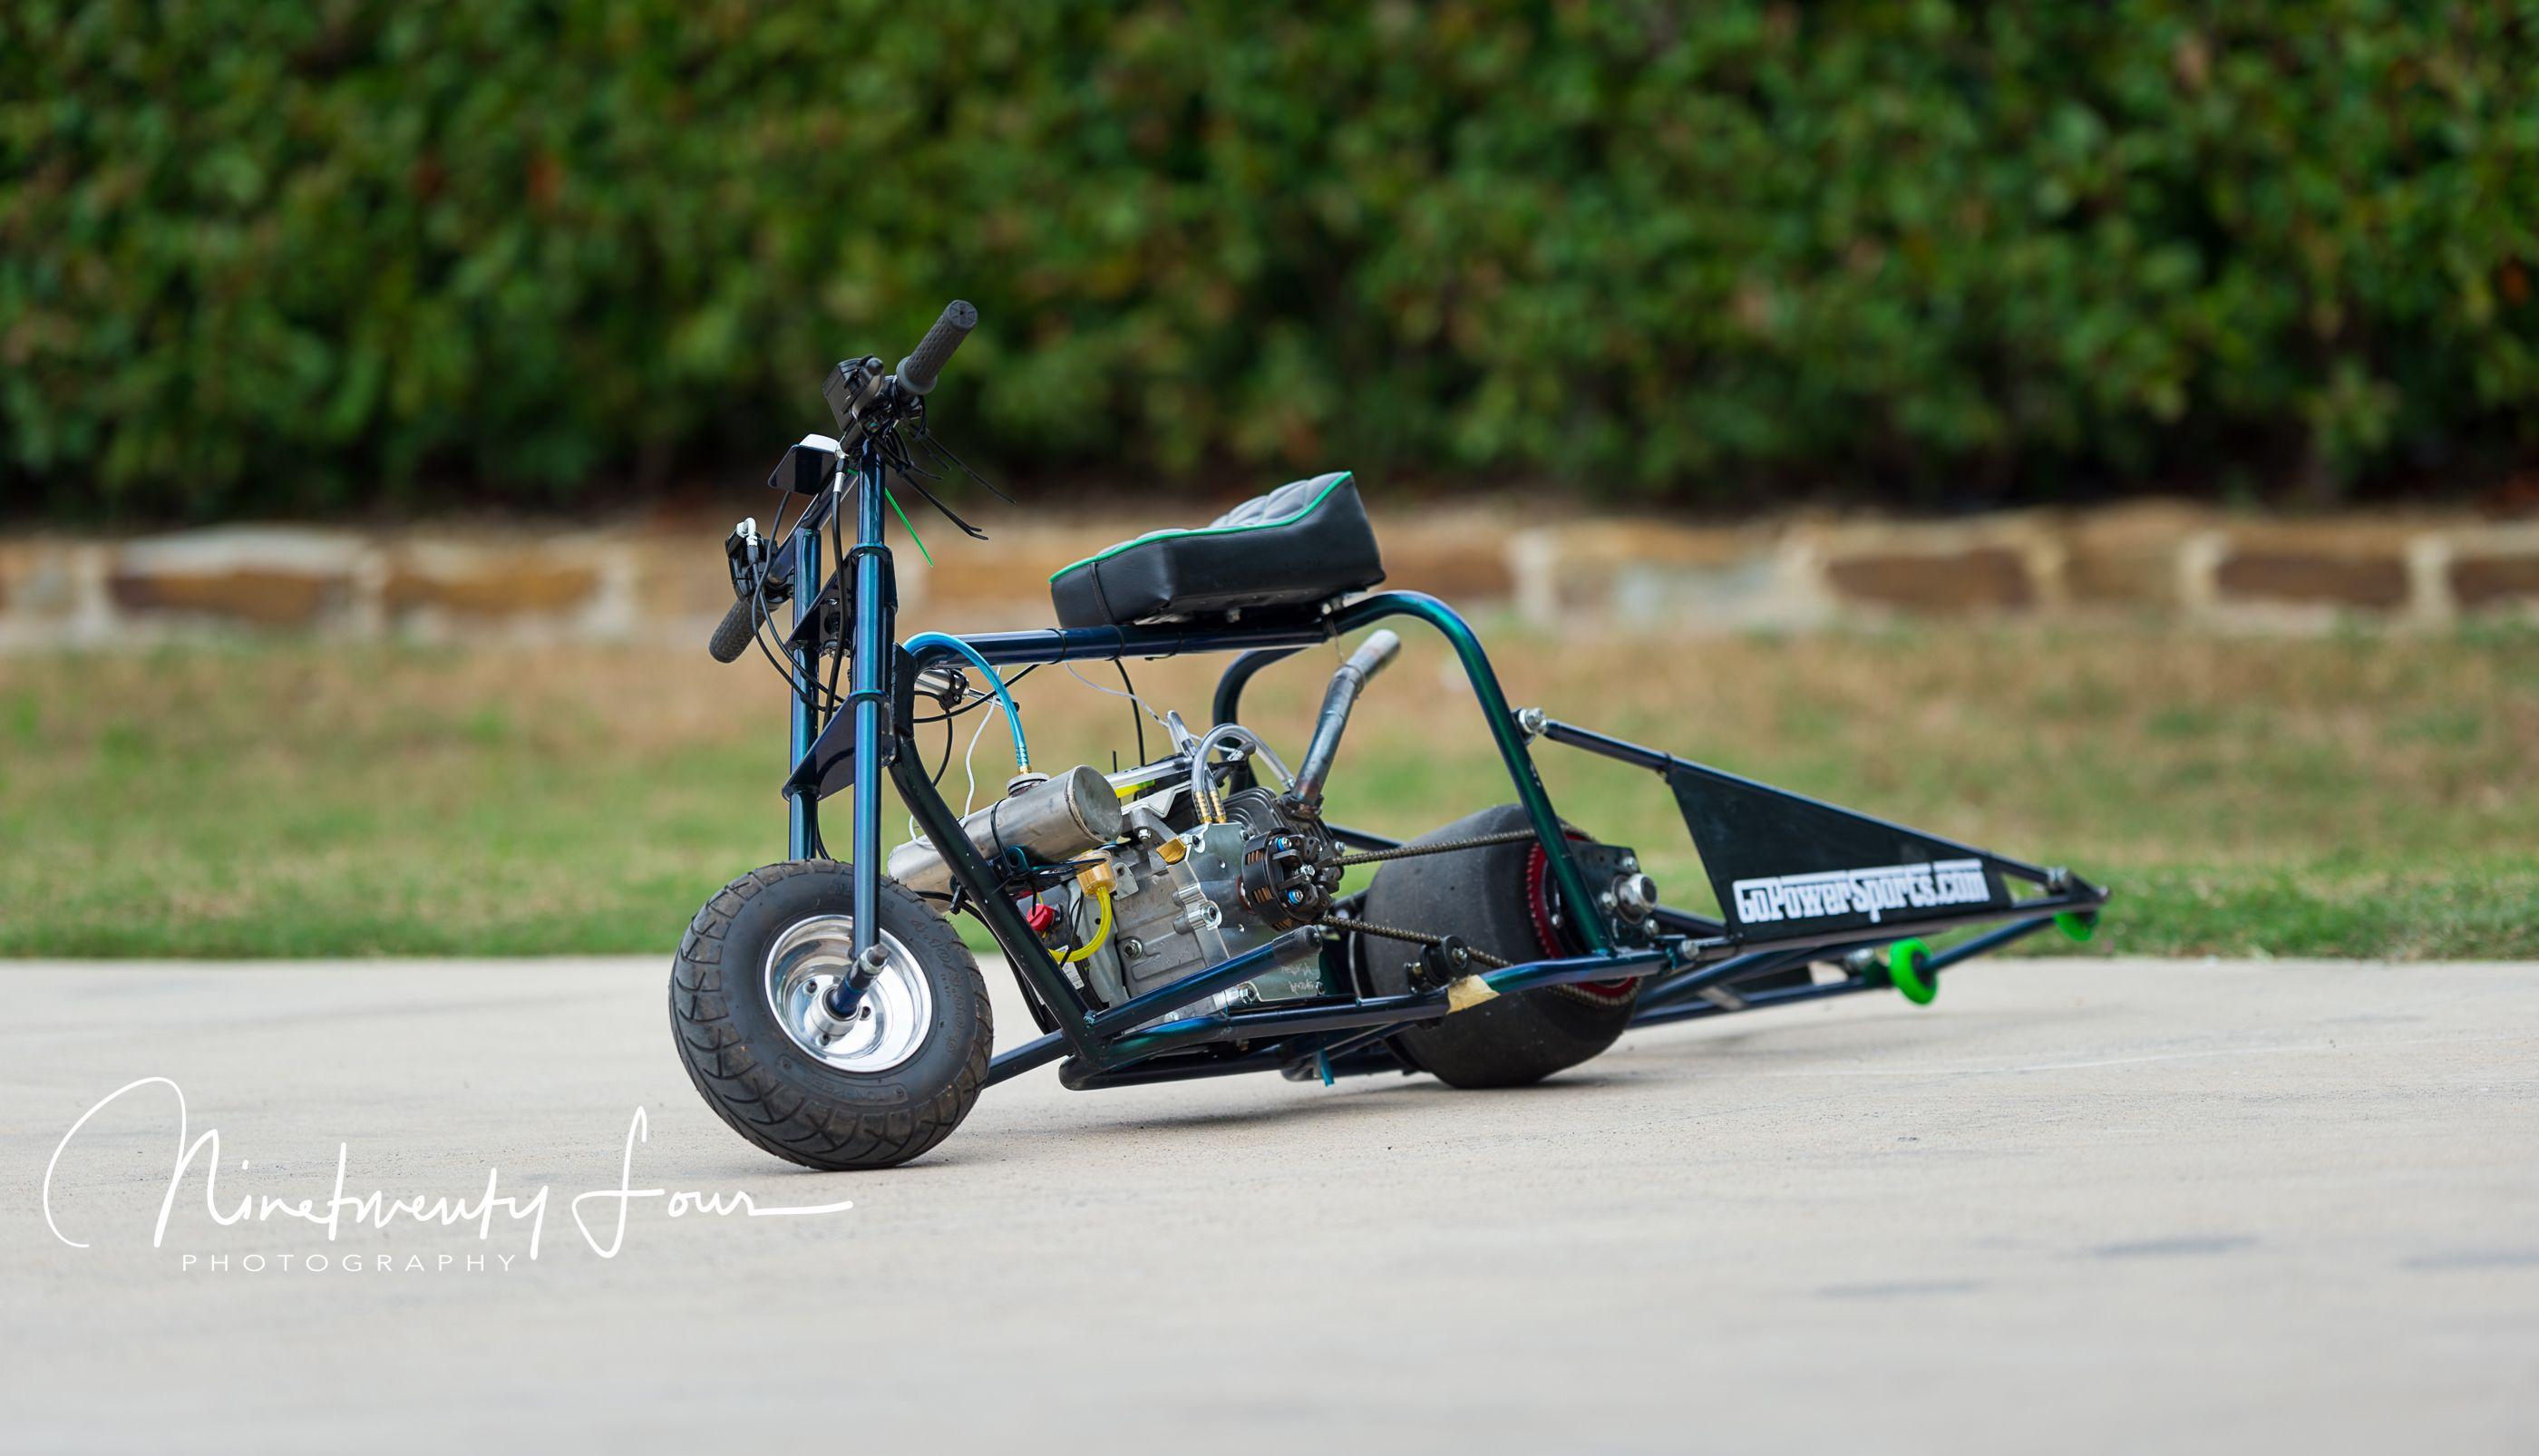 Pin By Travis Mcclain On Mini Bikes And Parts Mini Bike Bike Bike Frame